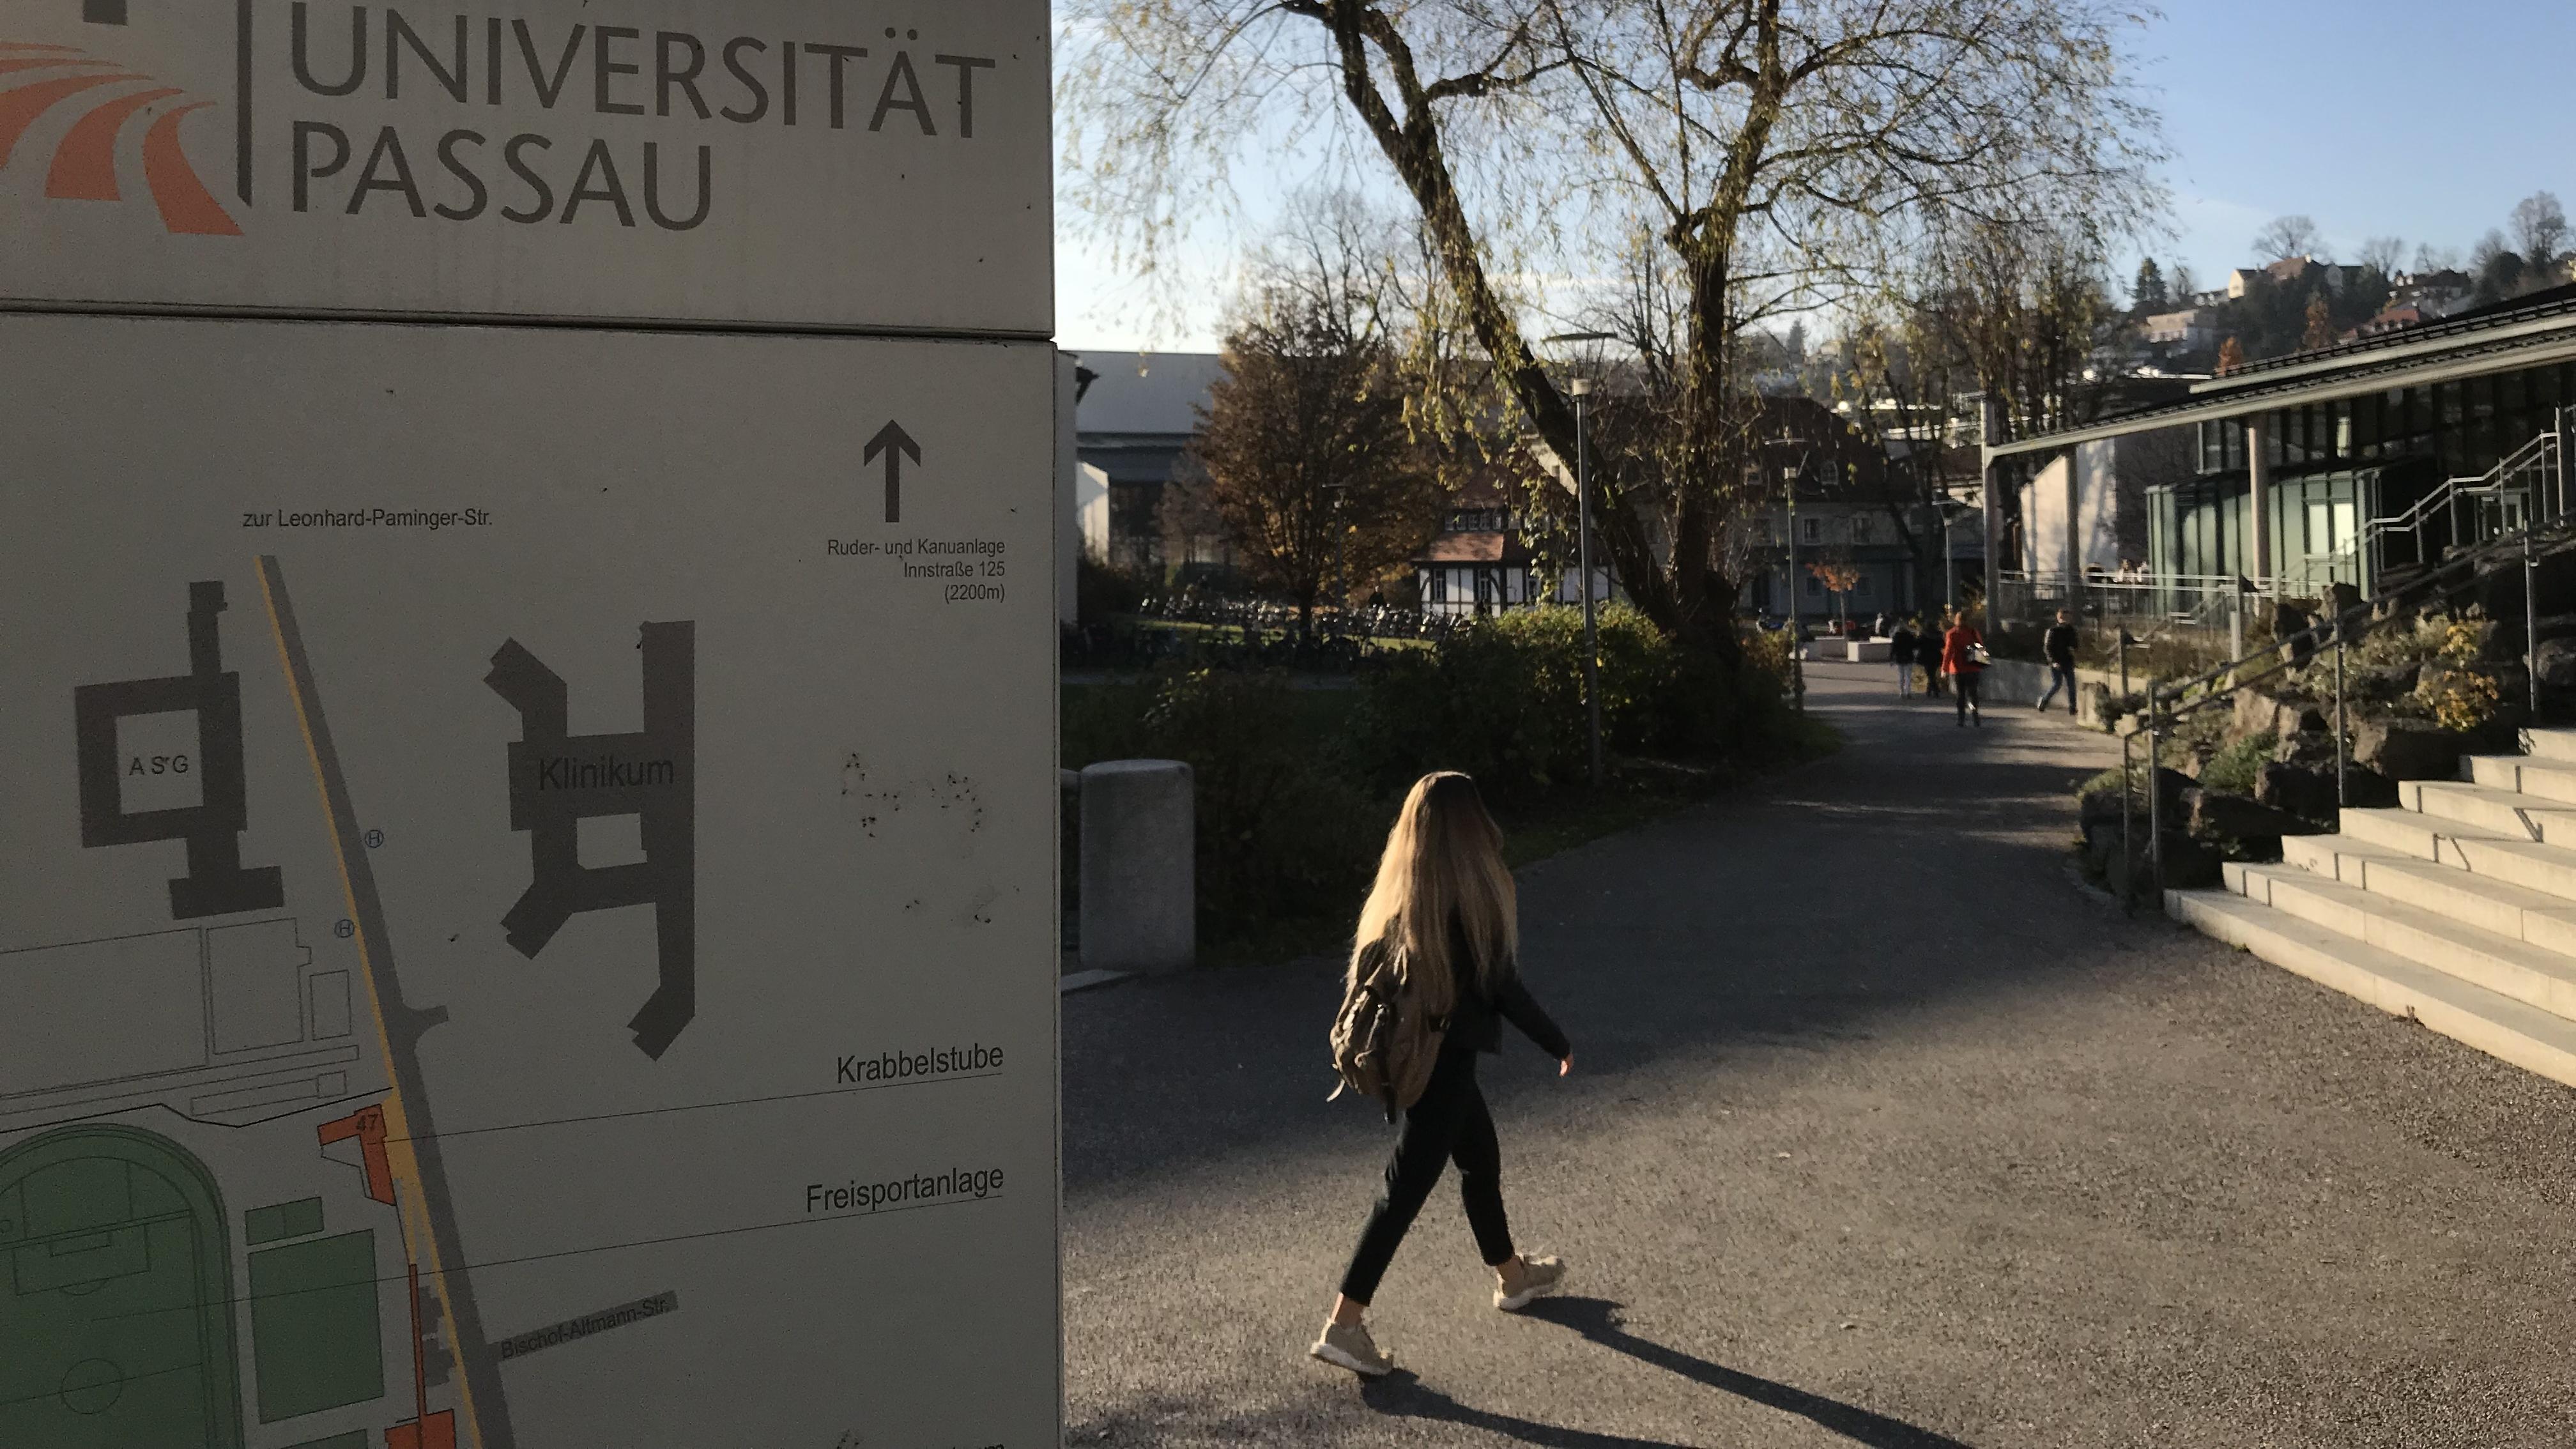 Studentin auf dem Campus der Universität Passau